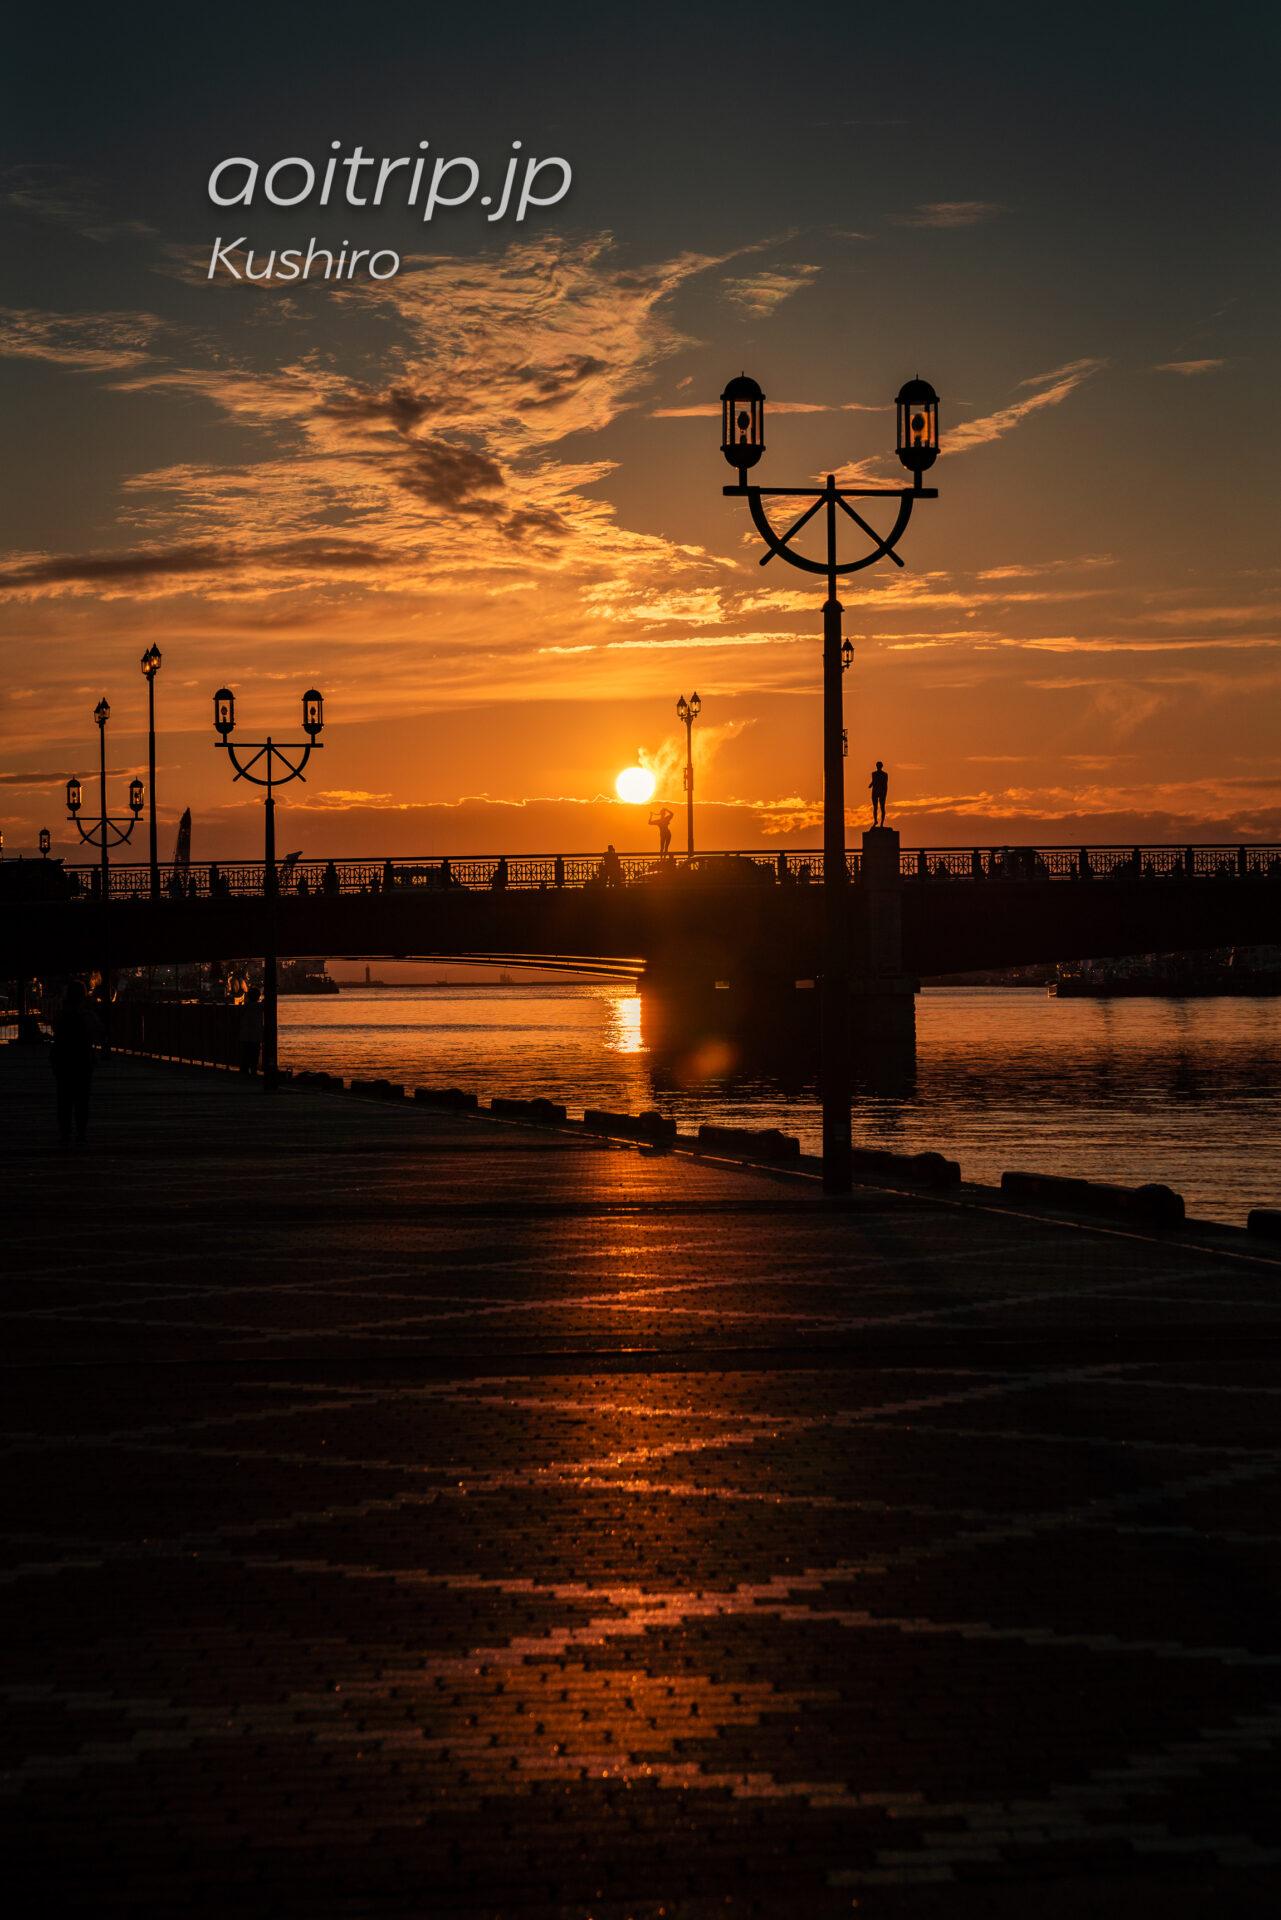 釧路港 幣舞橋の夕日|Nusamai Bridge